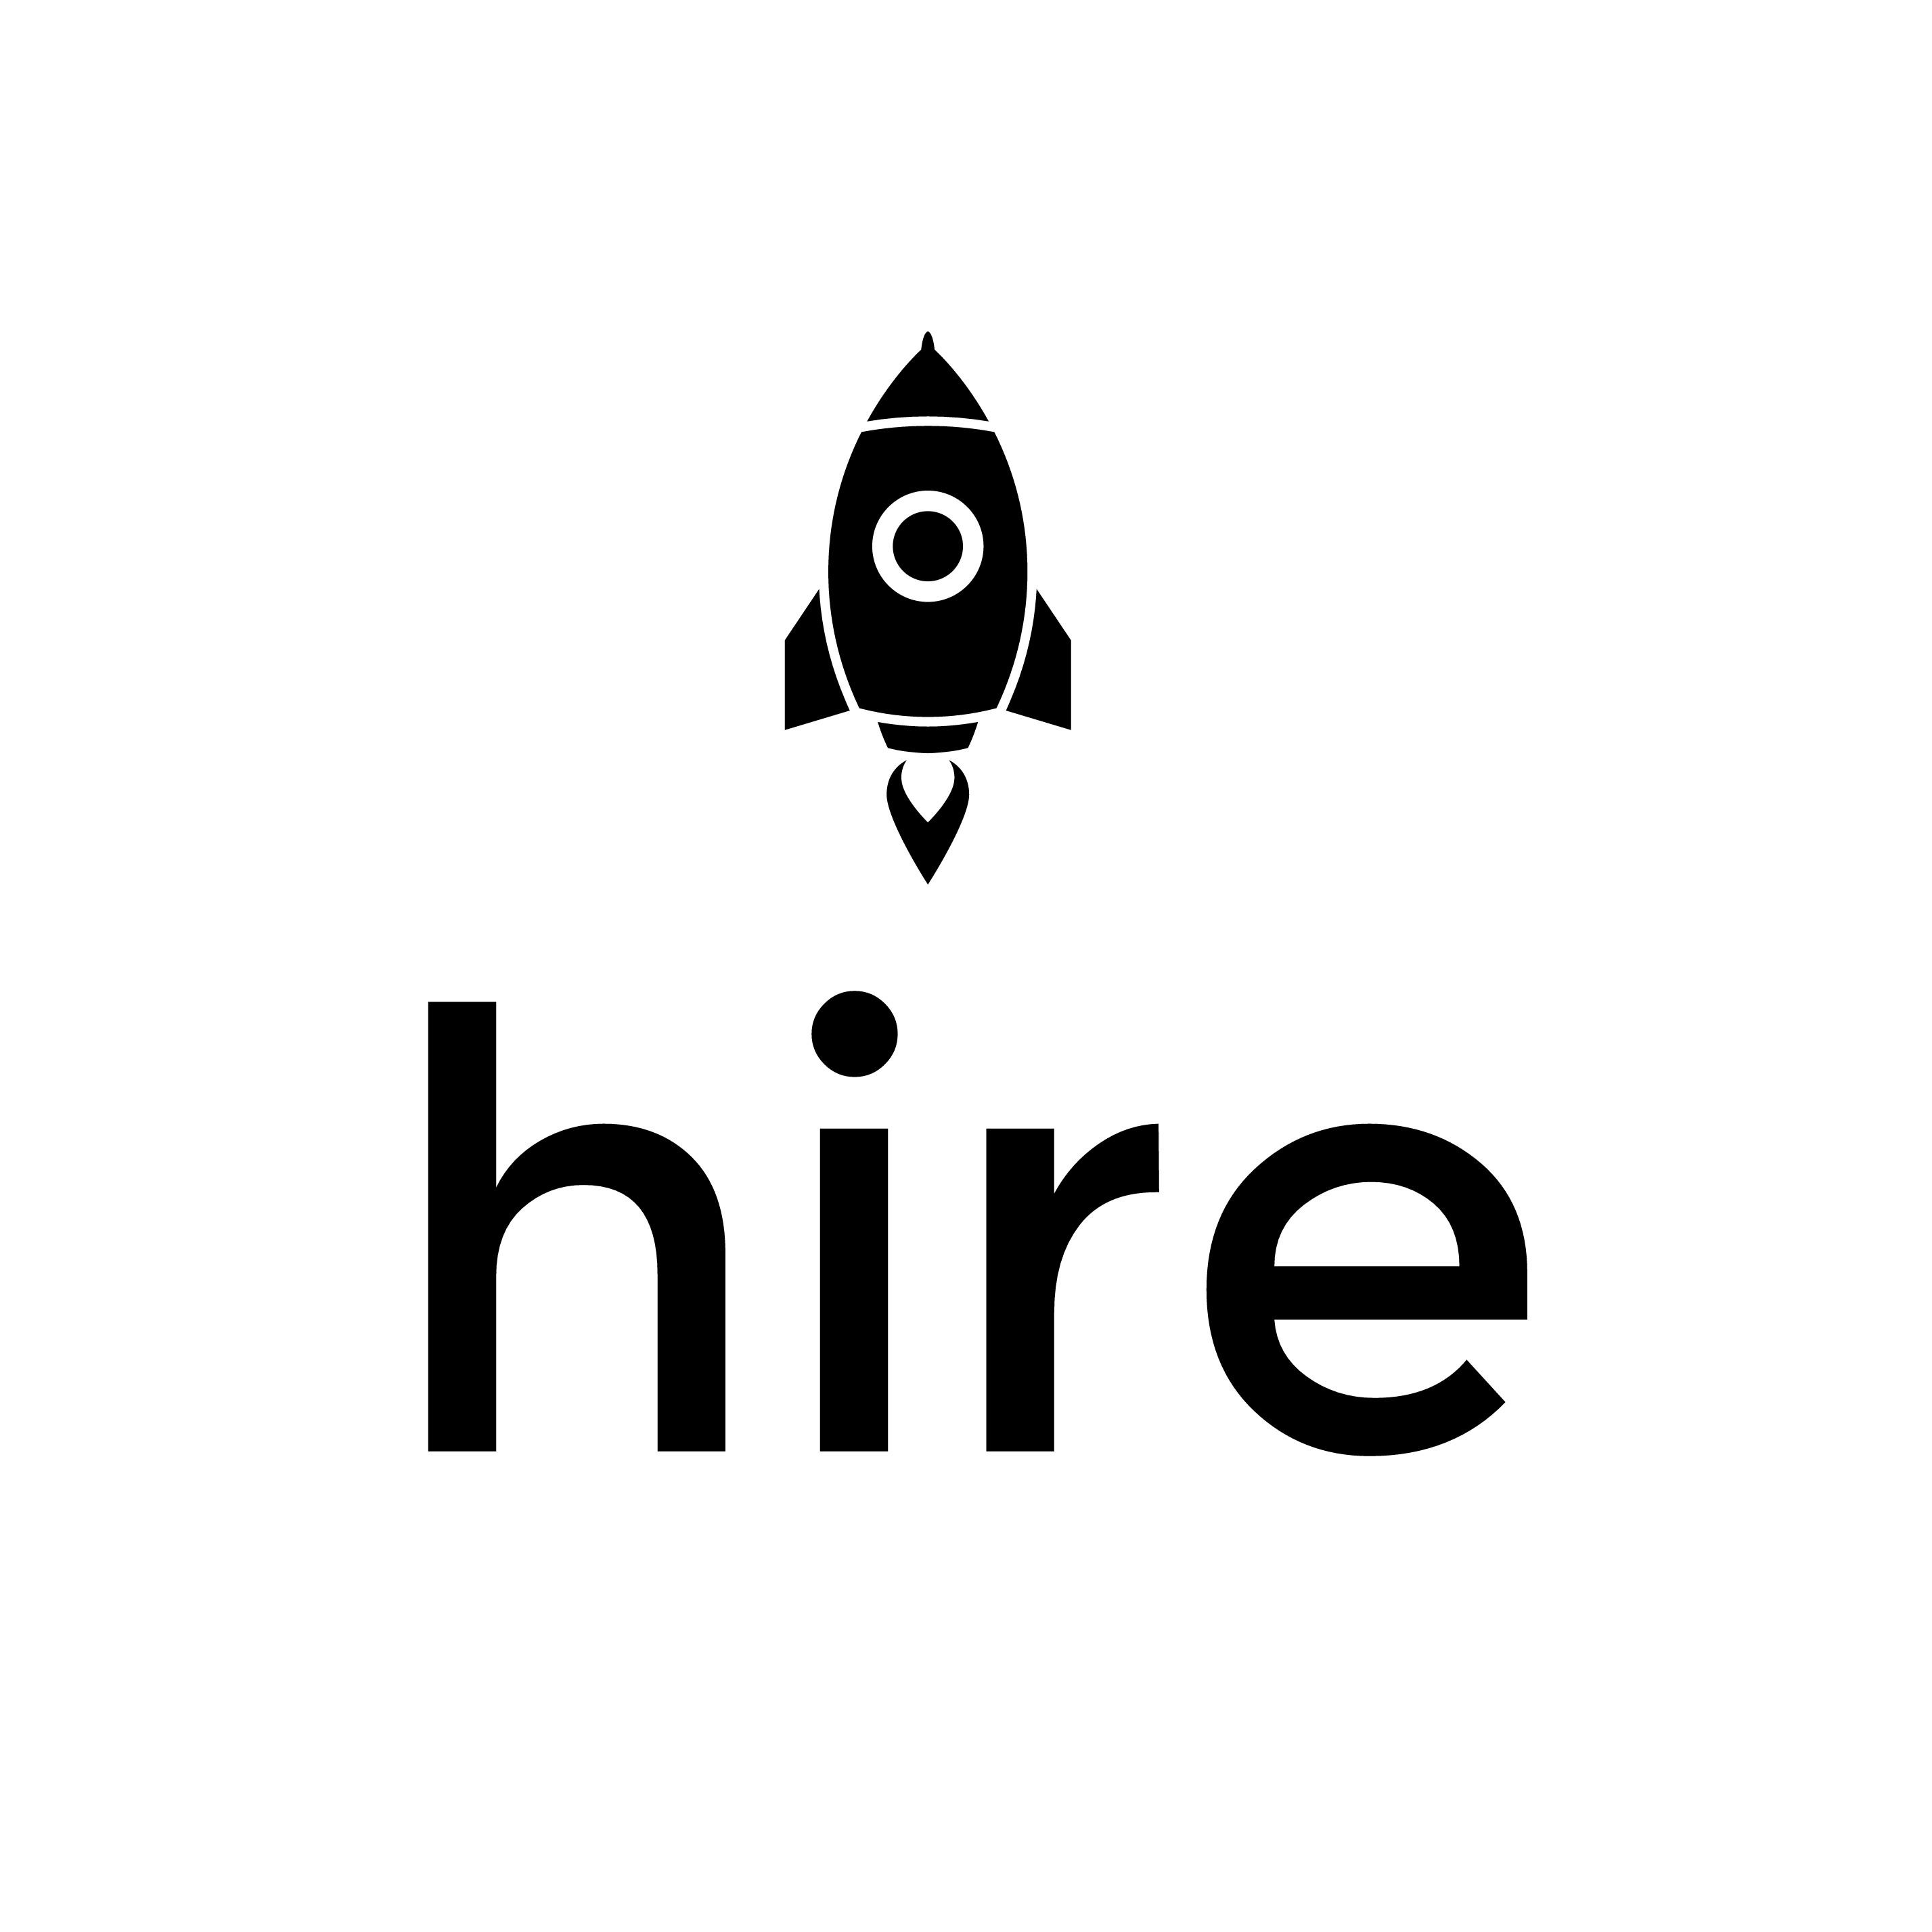 hire.ventures